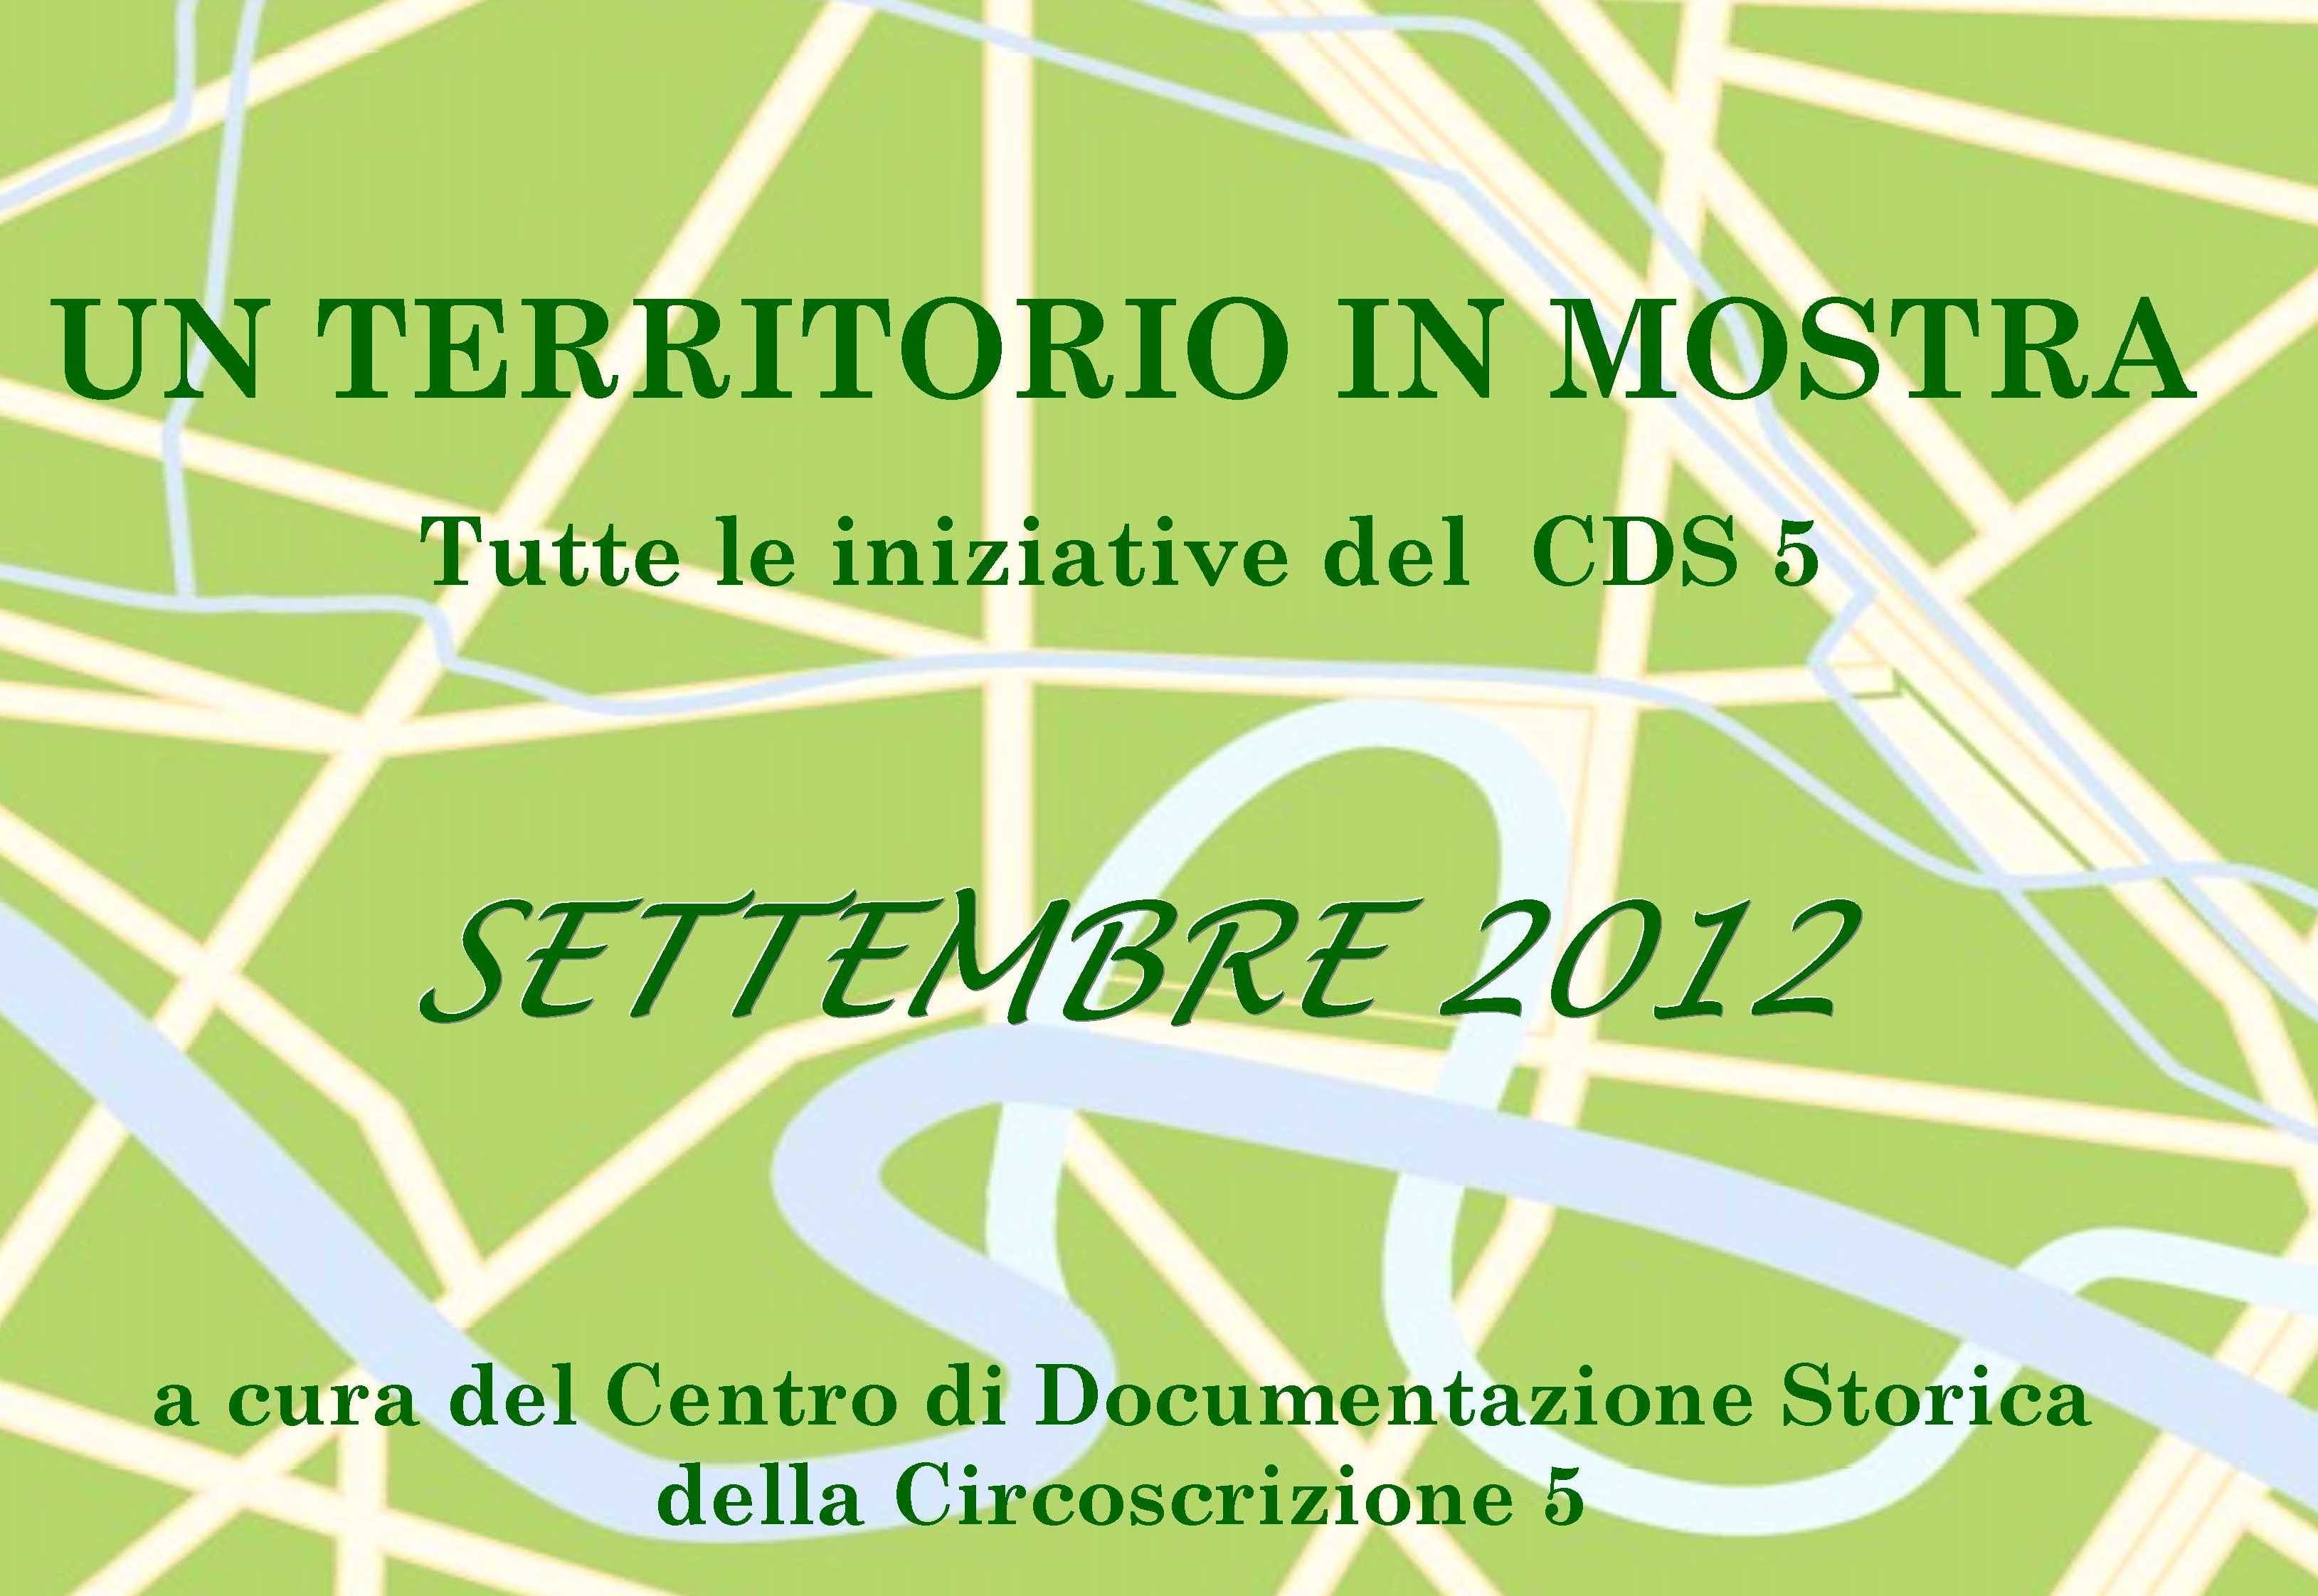 CDS Programma settembre 2012